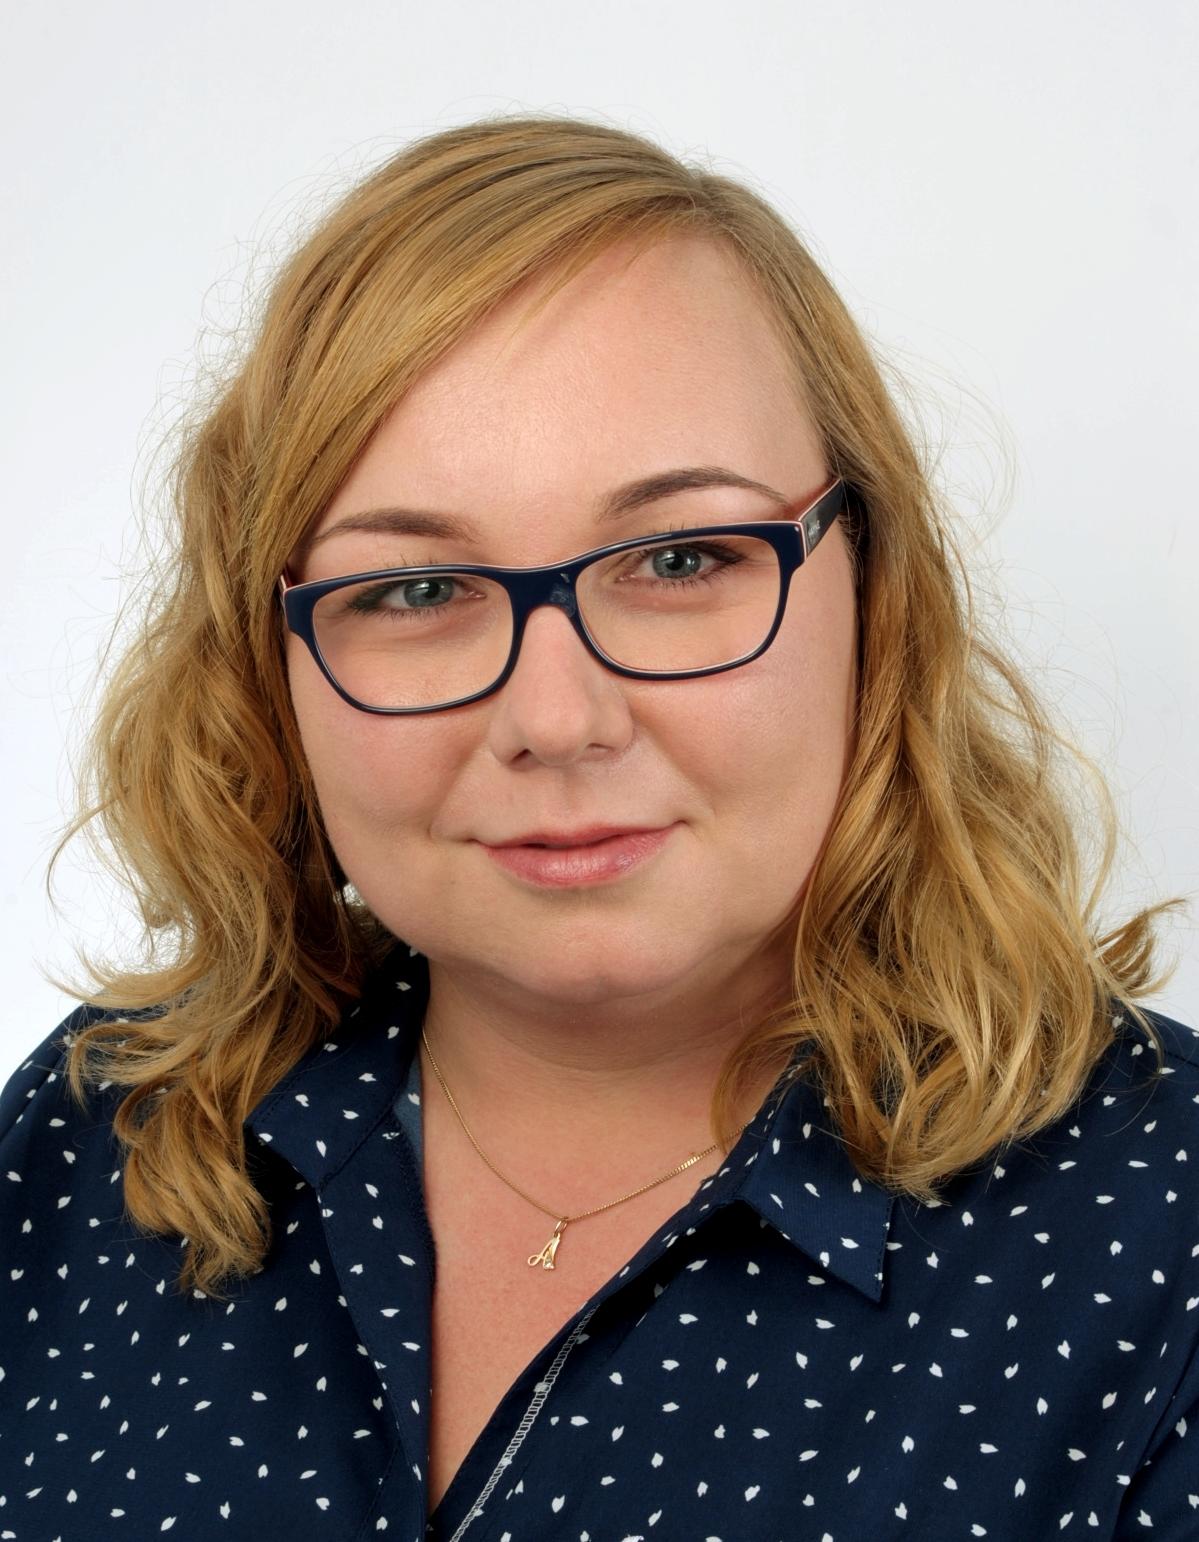 Anna Koralewska - Gołembiewska